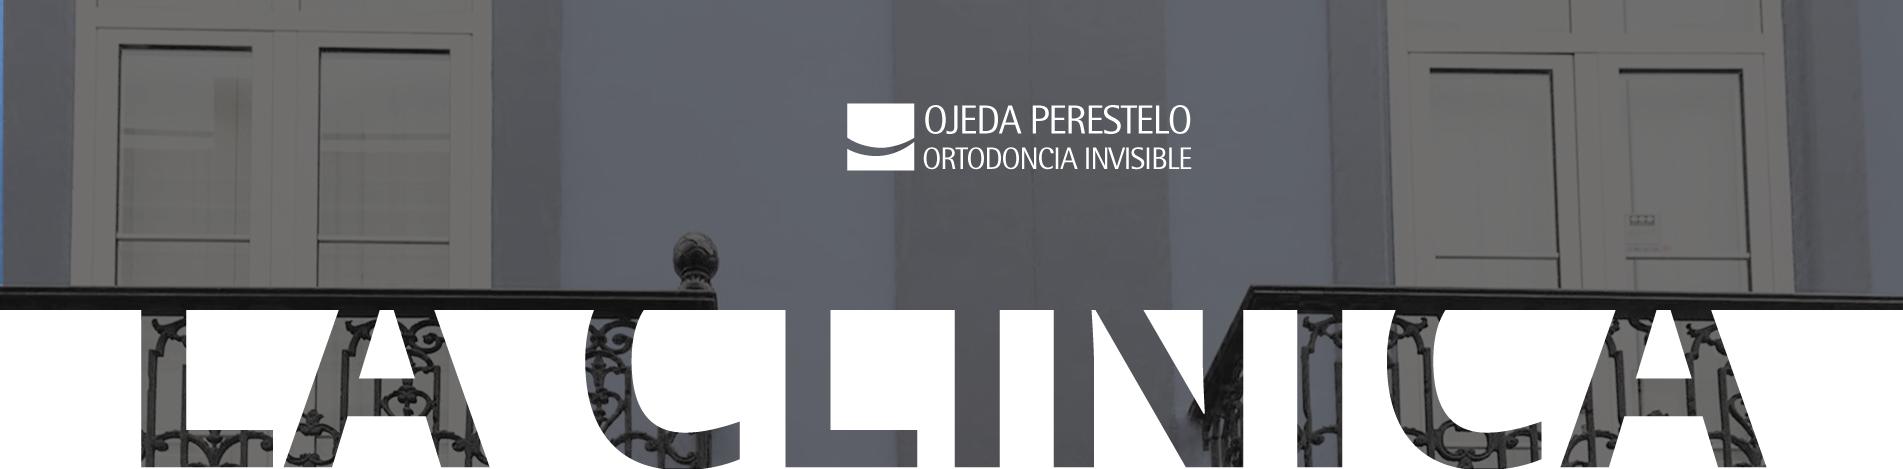 Clinica de ortodoncia invisible en Las Palmas